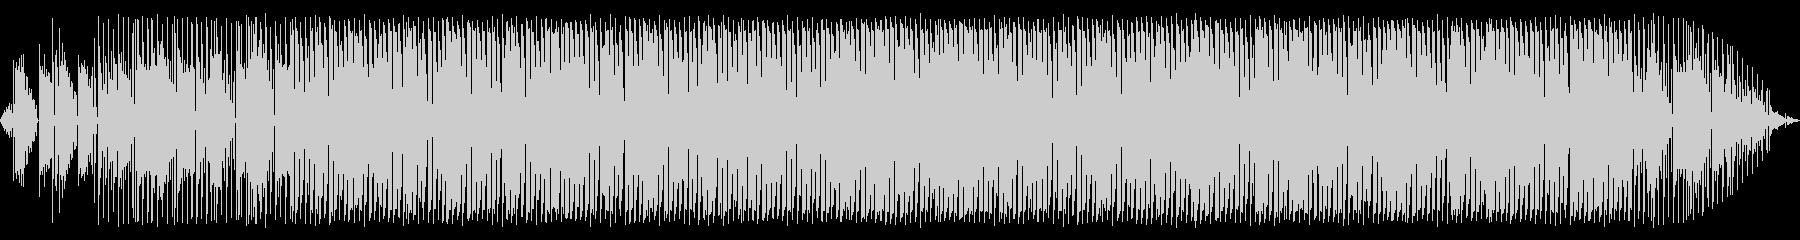 エレピが特徴のループミュージックの未再生の波形